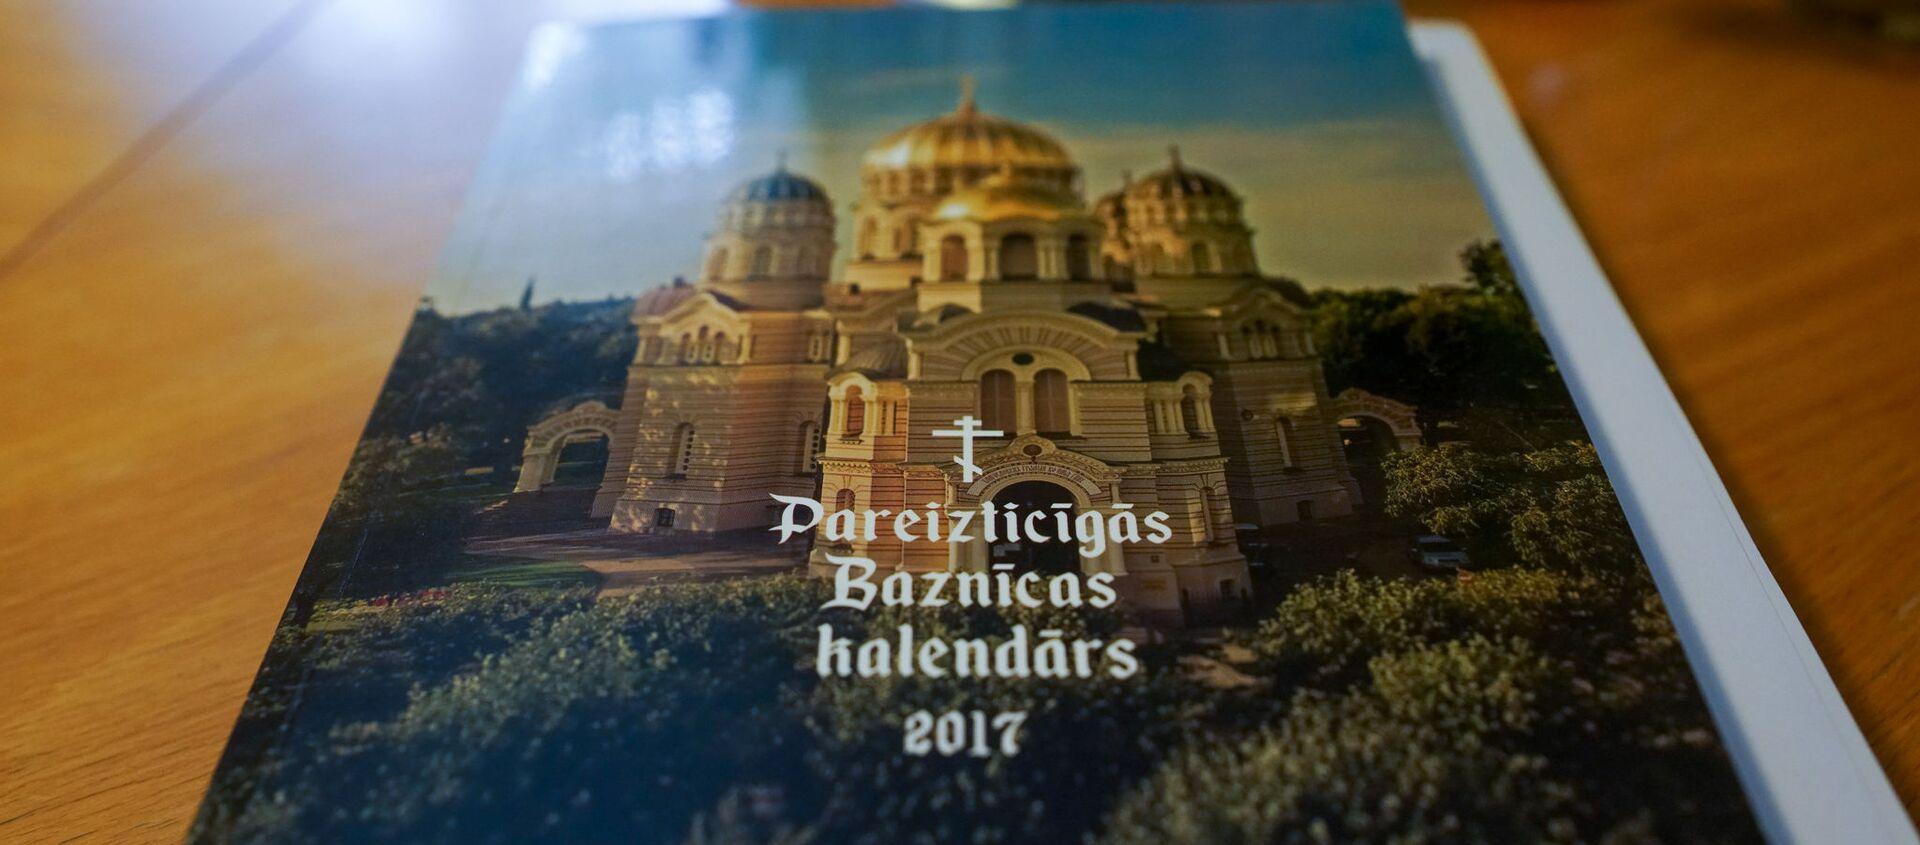 Латвийская православная церковь издает книги, молитвословы, календари и на латышском языке - Sputnik Латвия, 1920, 29.03.2020